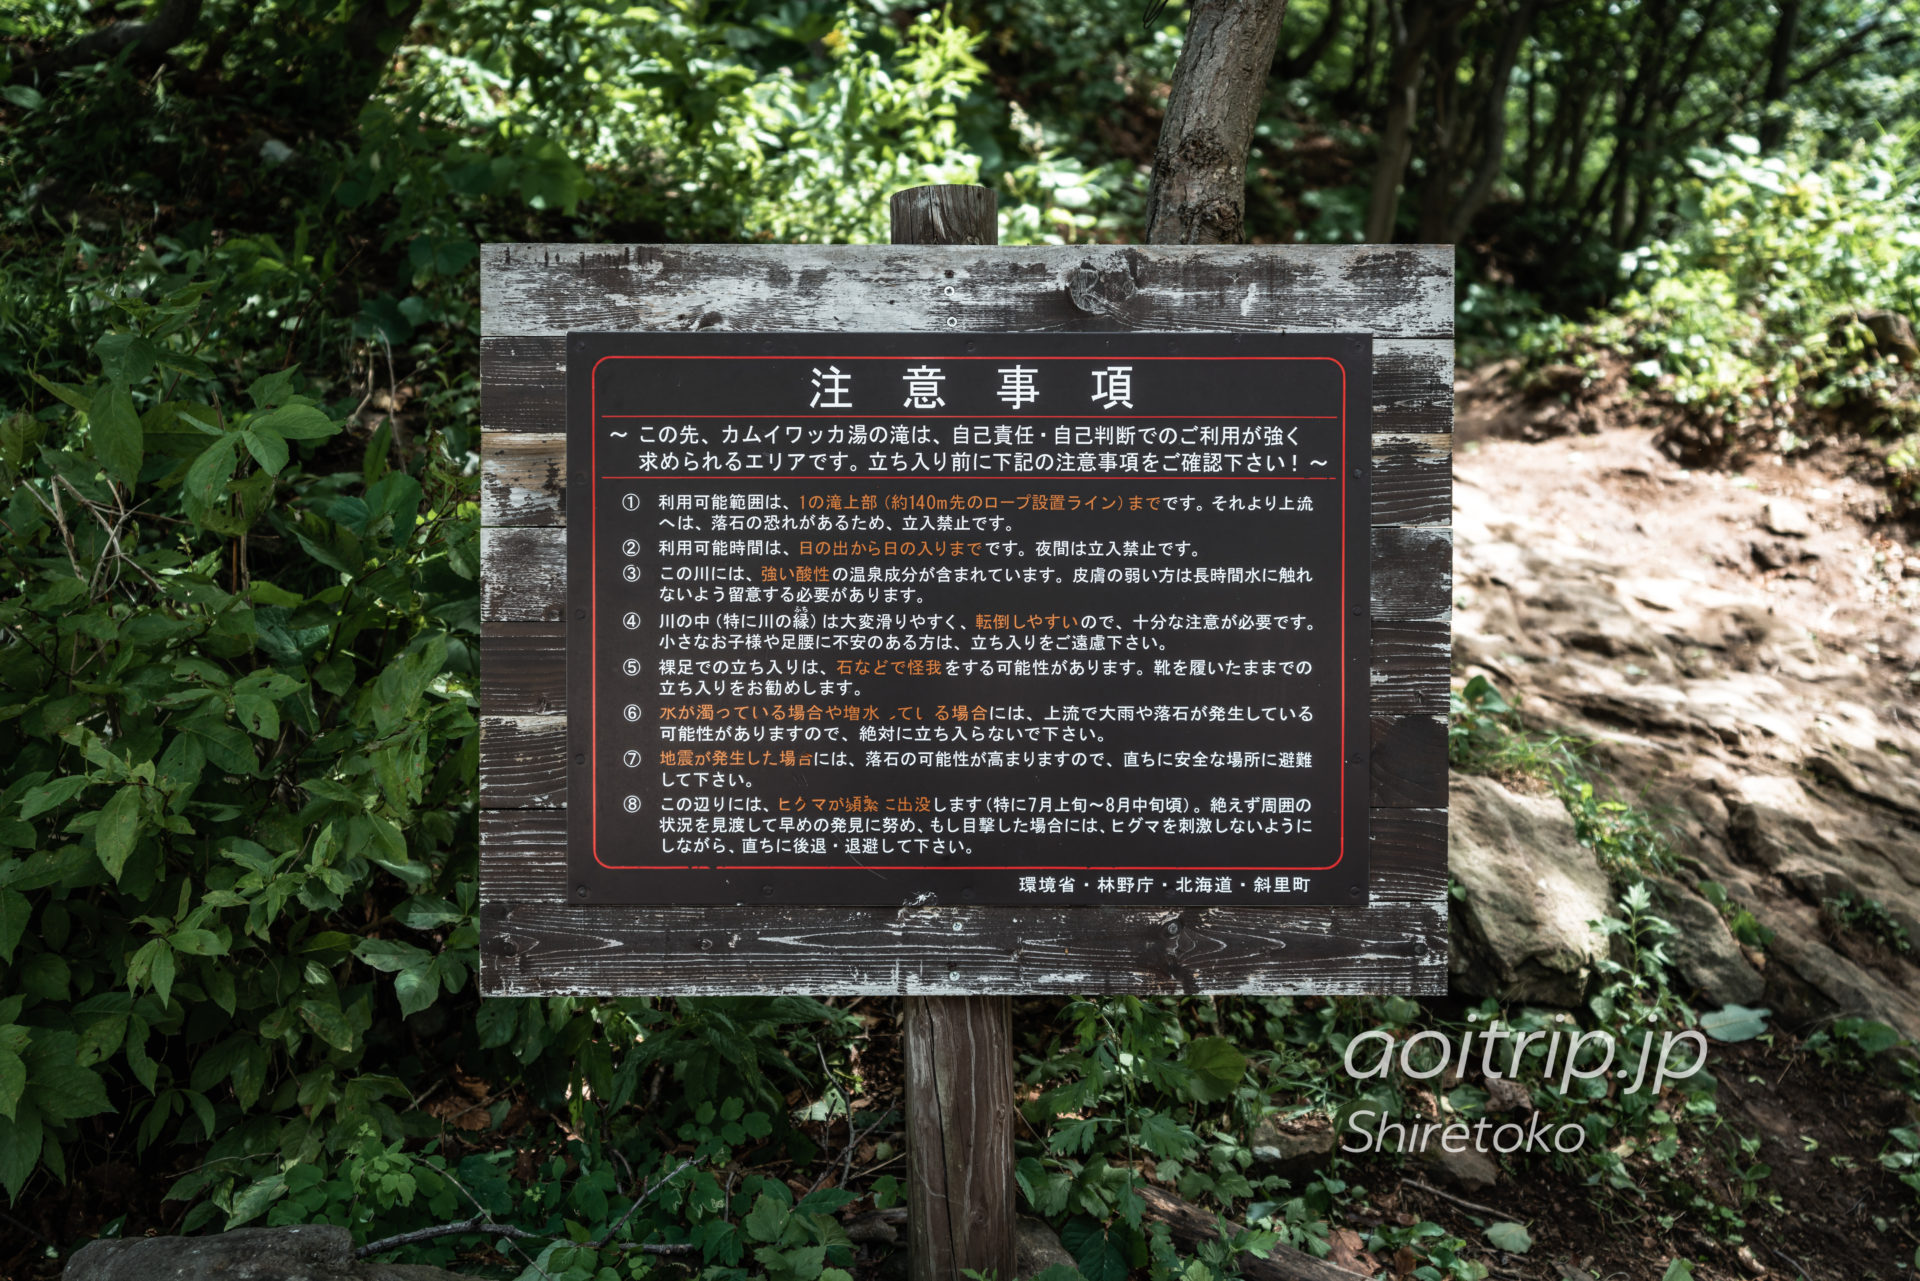 カムイワッカ湯の滝(Kamuiwakka Hot Falls)注意事項